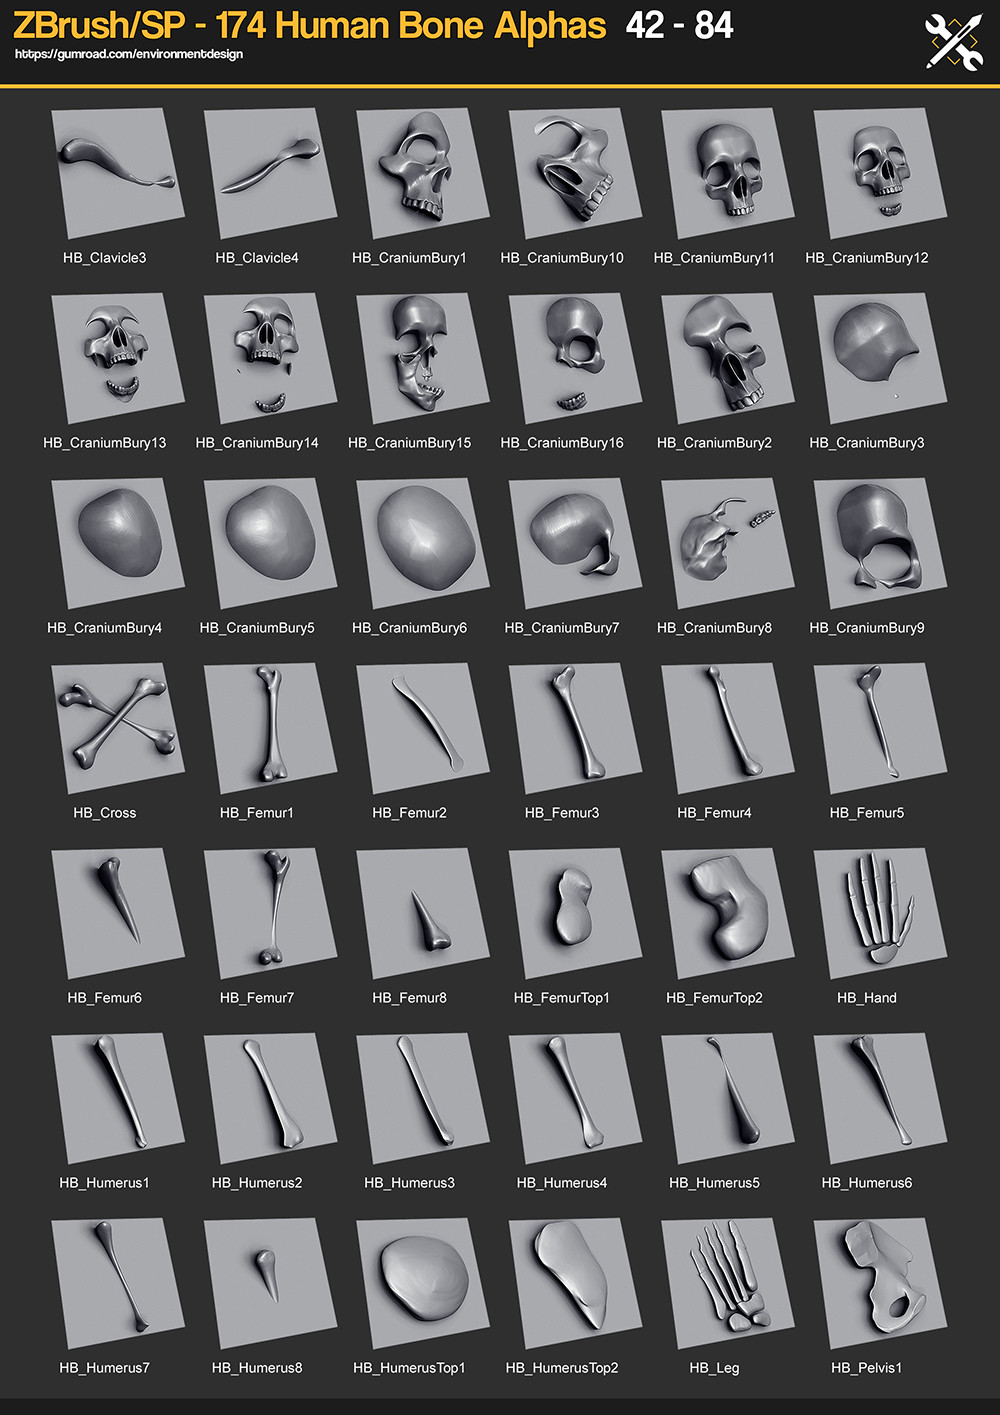 174 Human Bone Alphas - https://gumroad.com/a/242660467